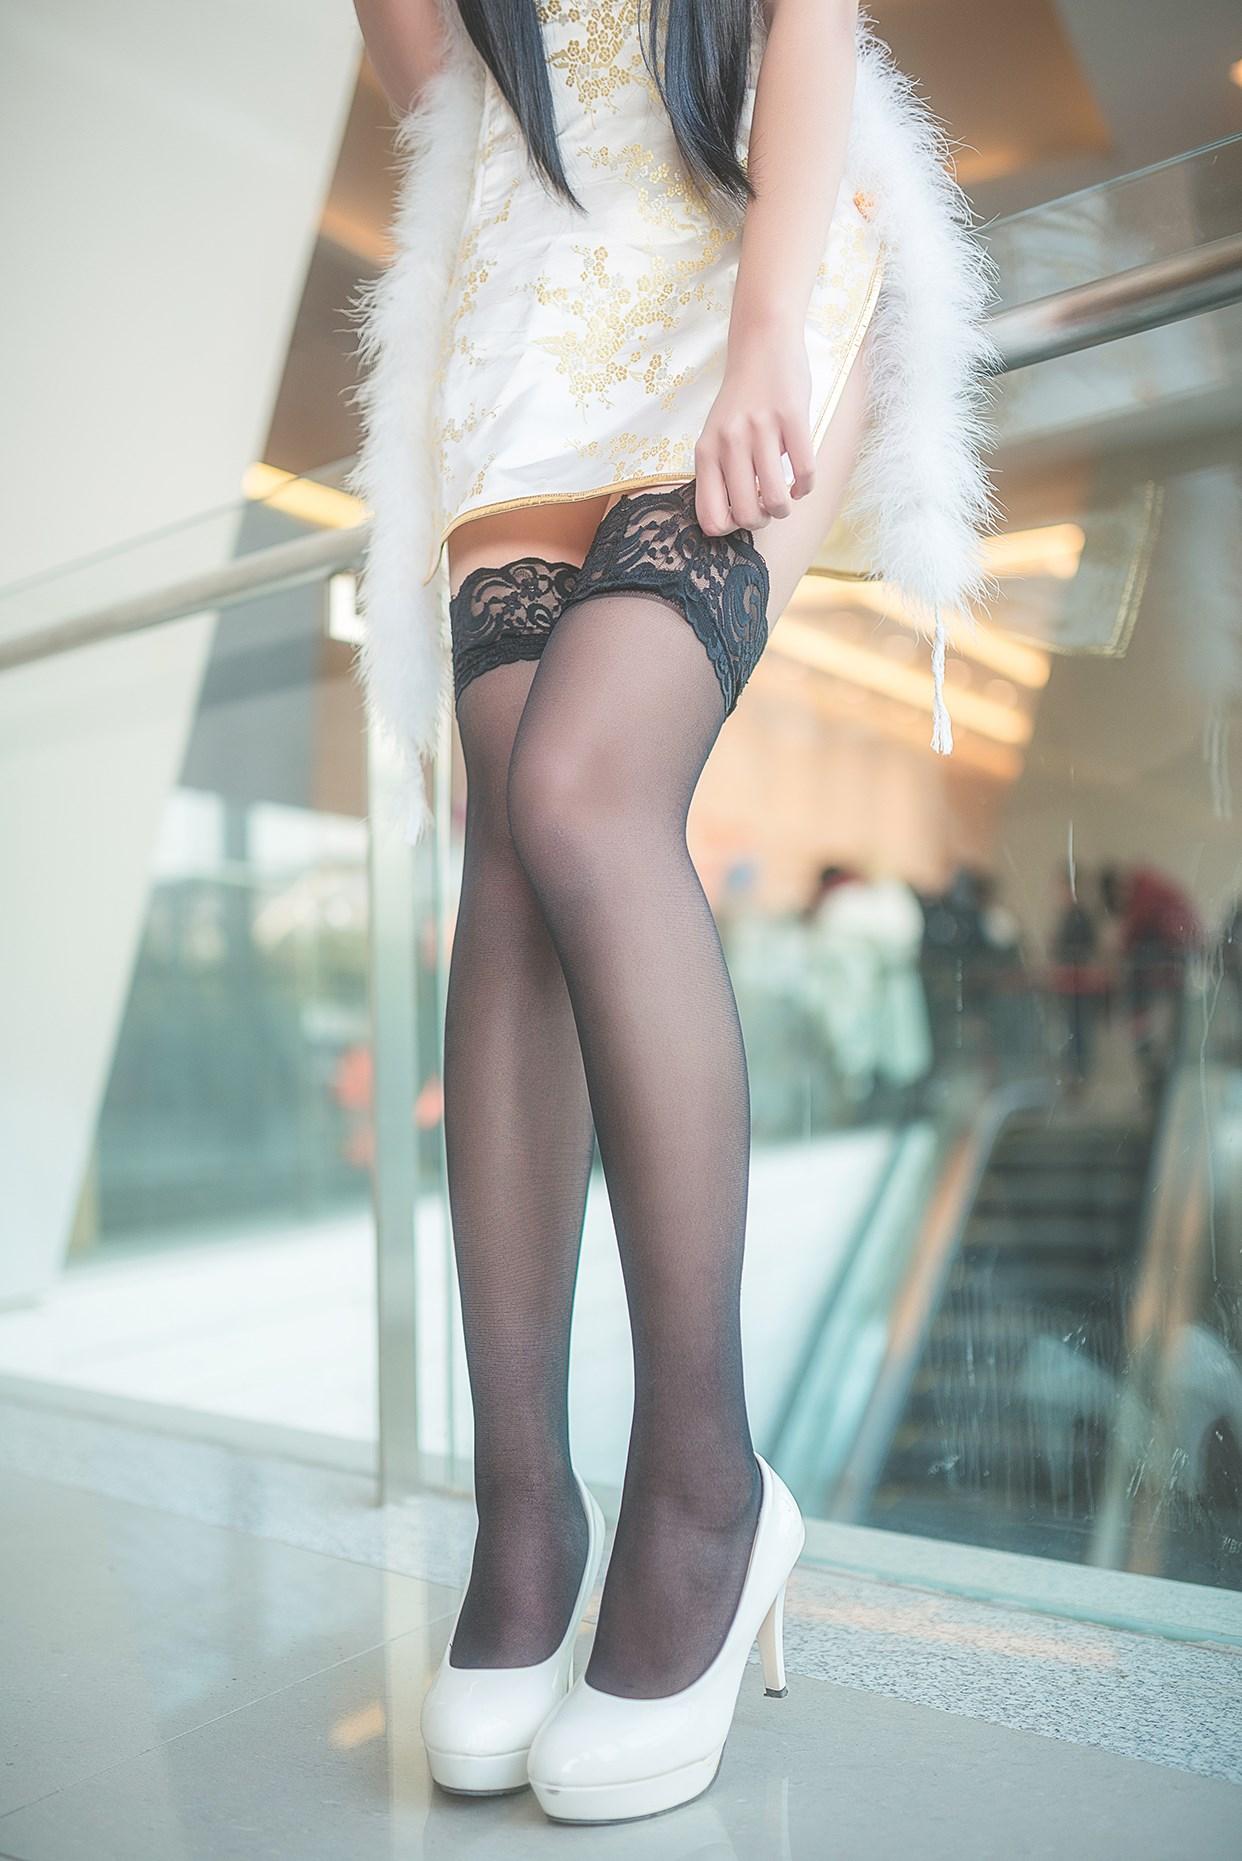 【兔玩映画】腿照福利合集2.0 兔玩映画 第30张